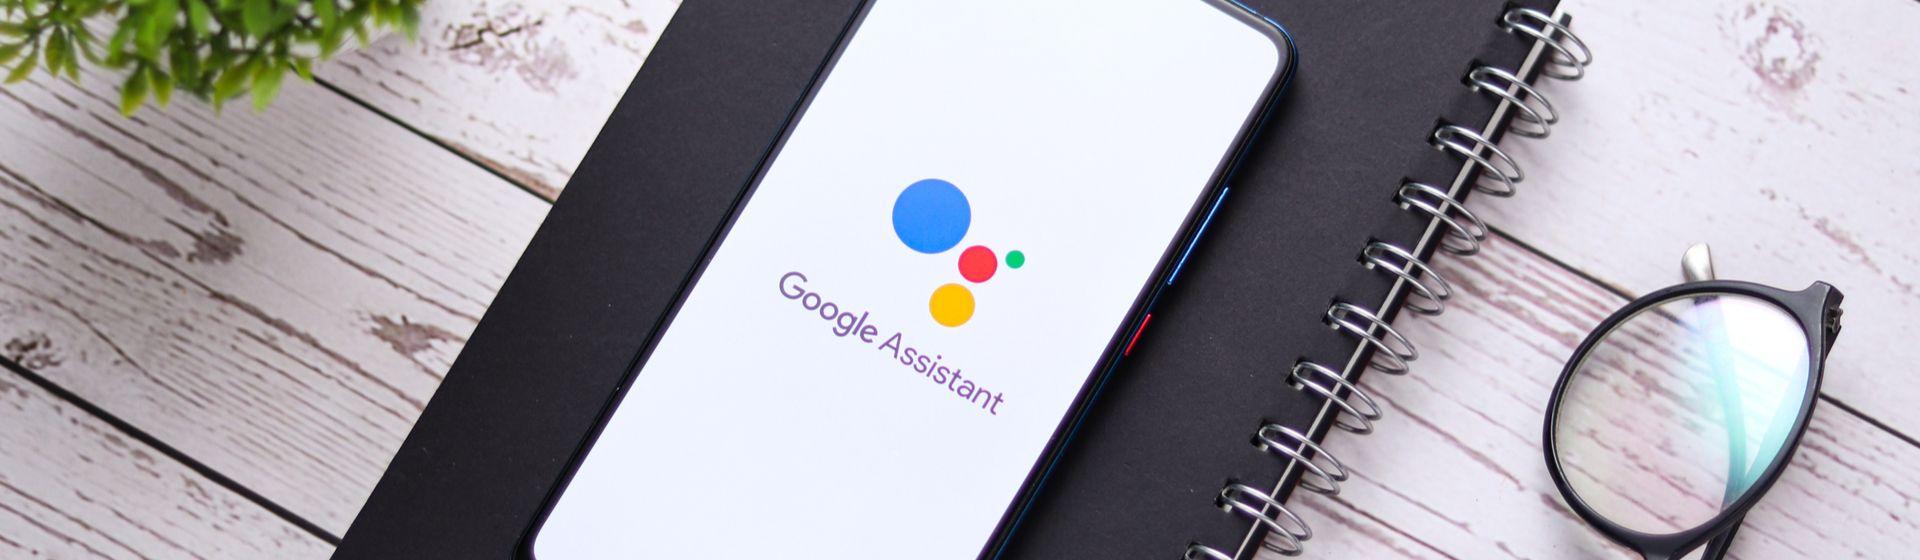 Como ativar o Google Assistente